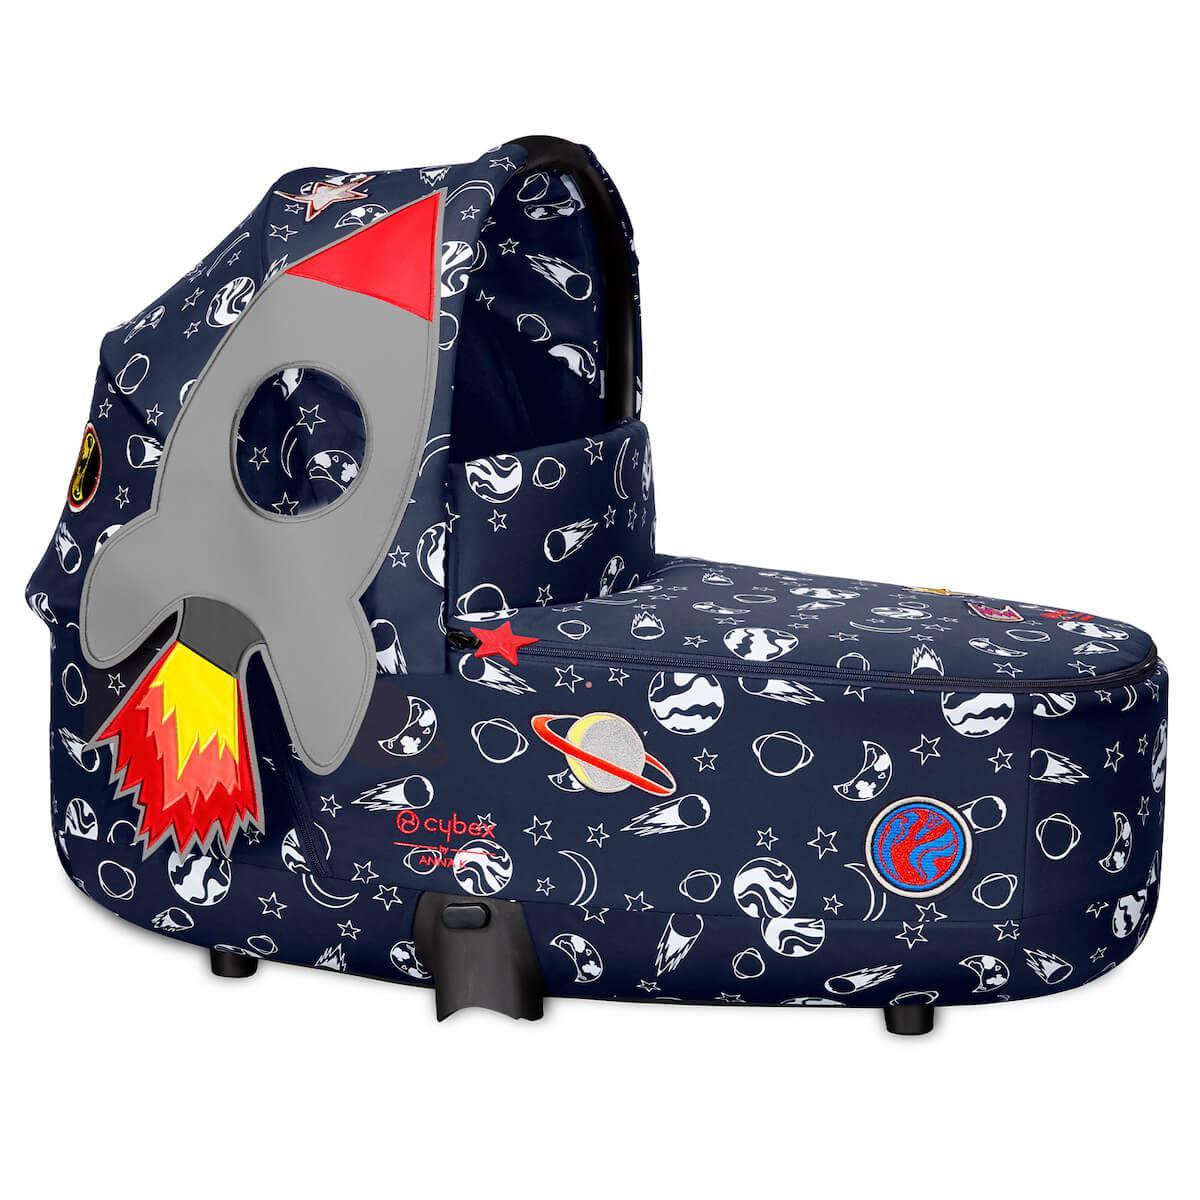 Capazo de luxe PRIAM Cybex space rocket-navy blue